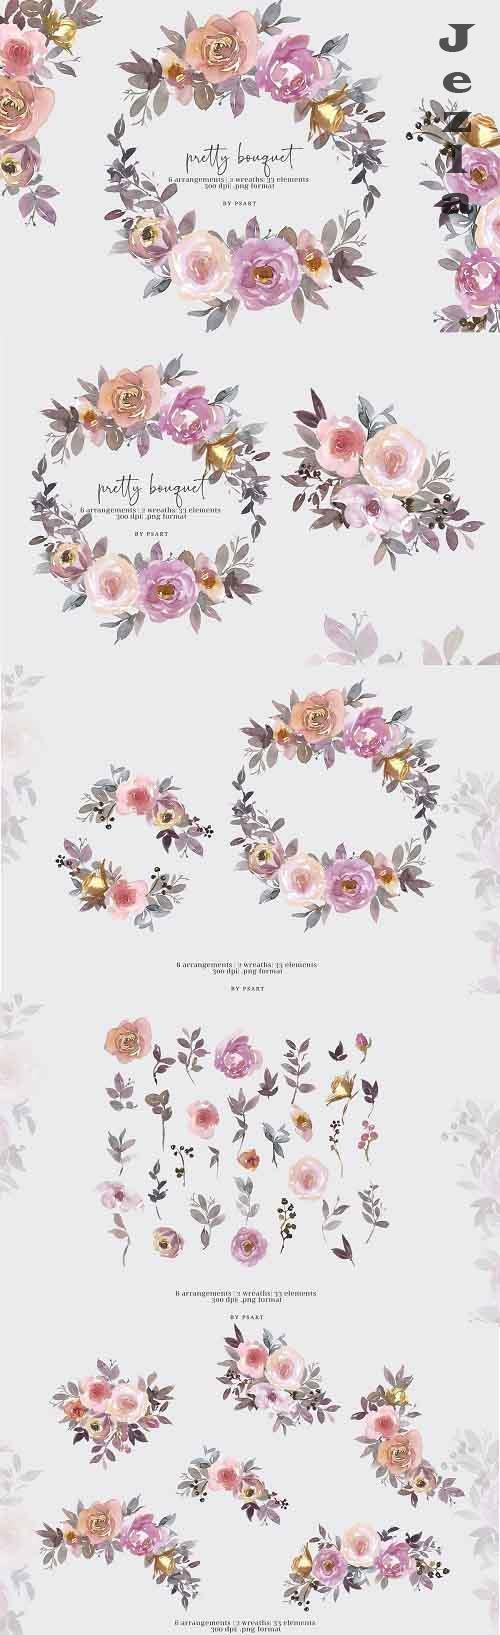 Pretty Bouquet Watercolor Clipart Set - 5500415